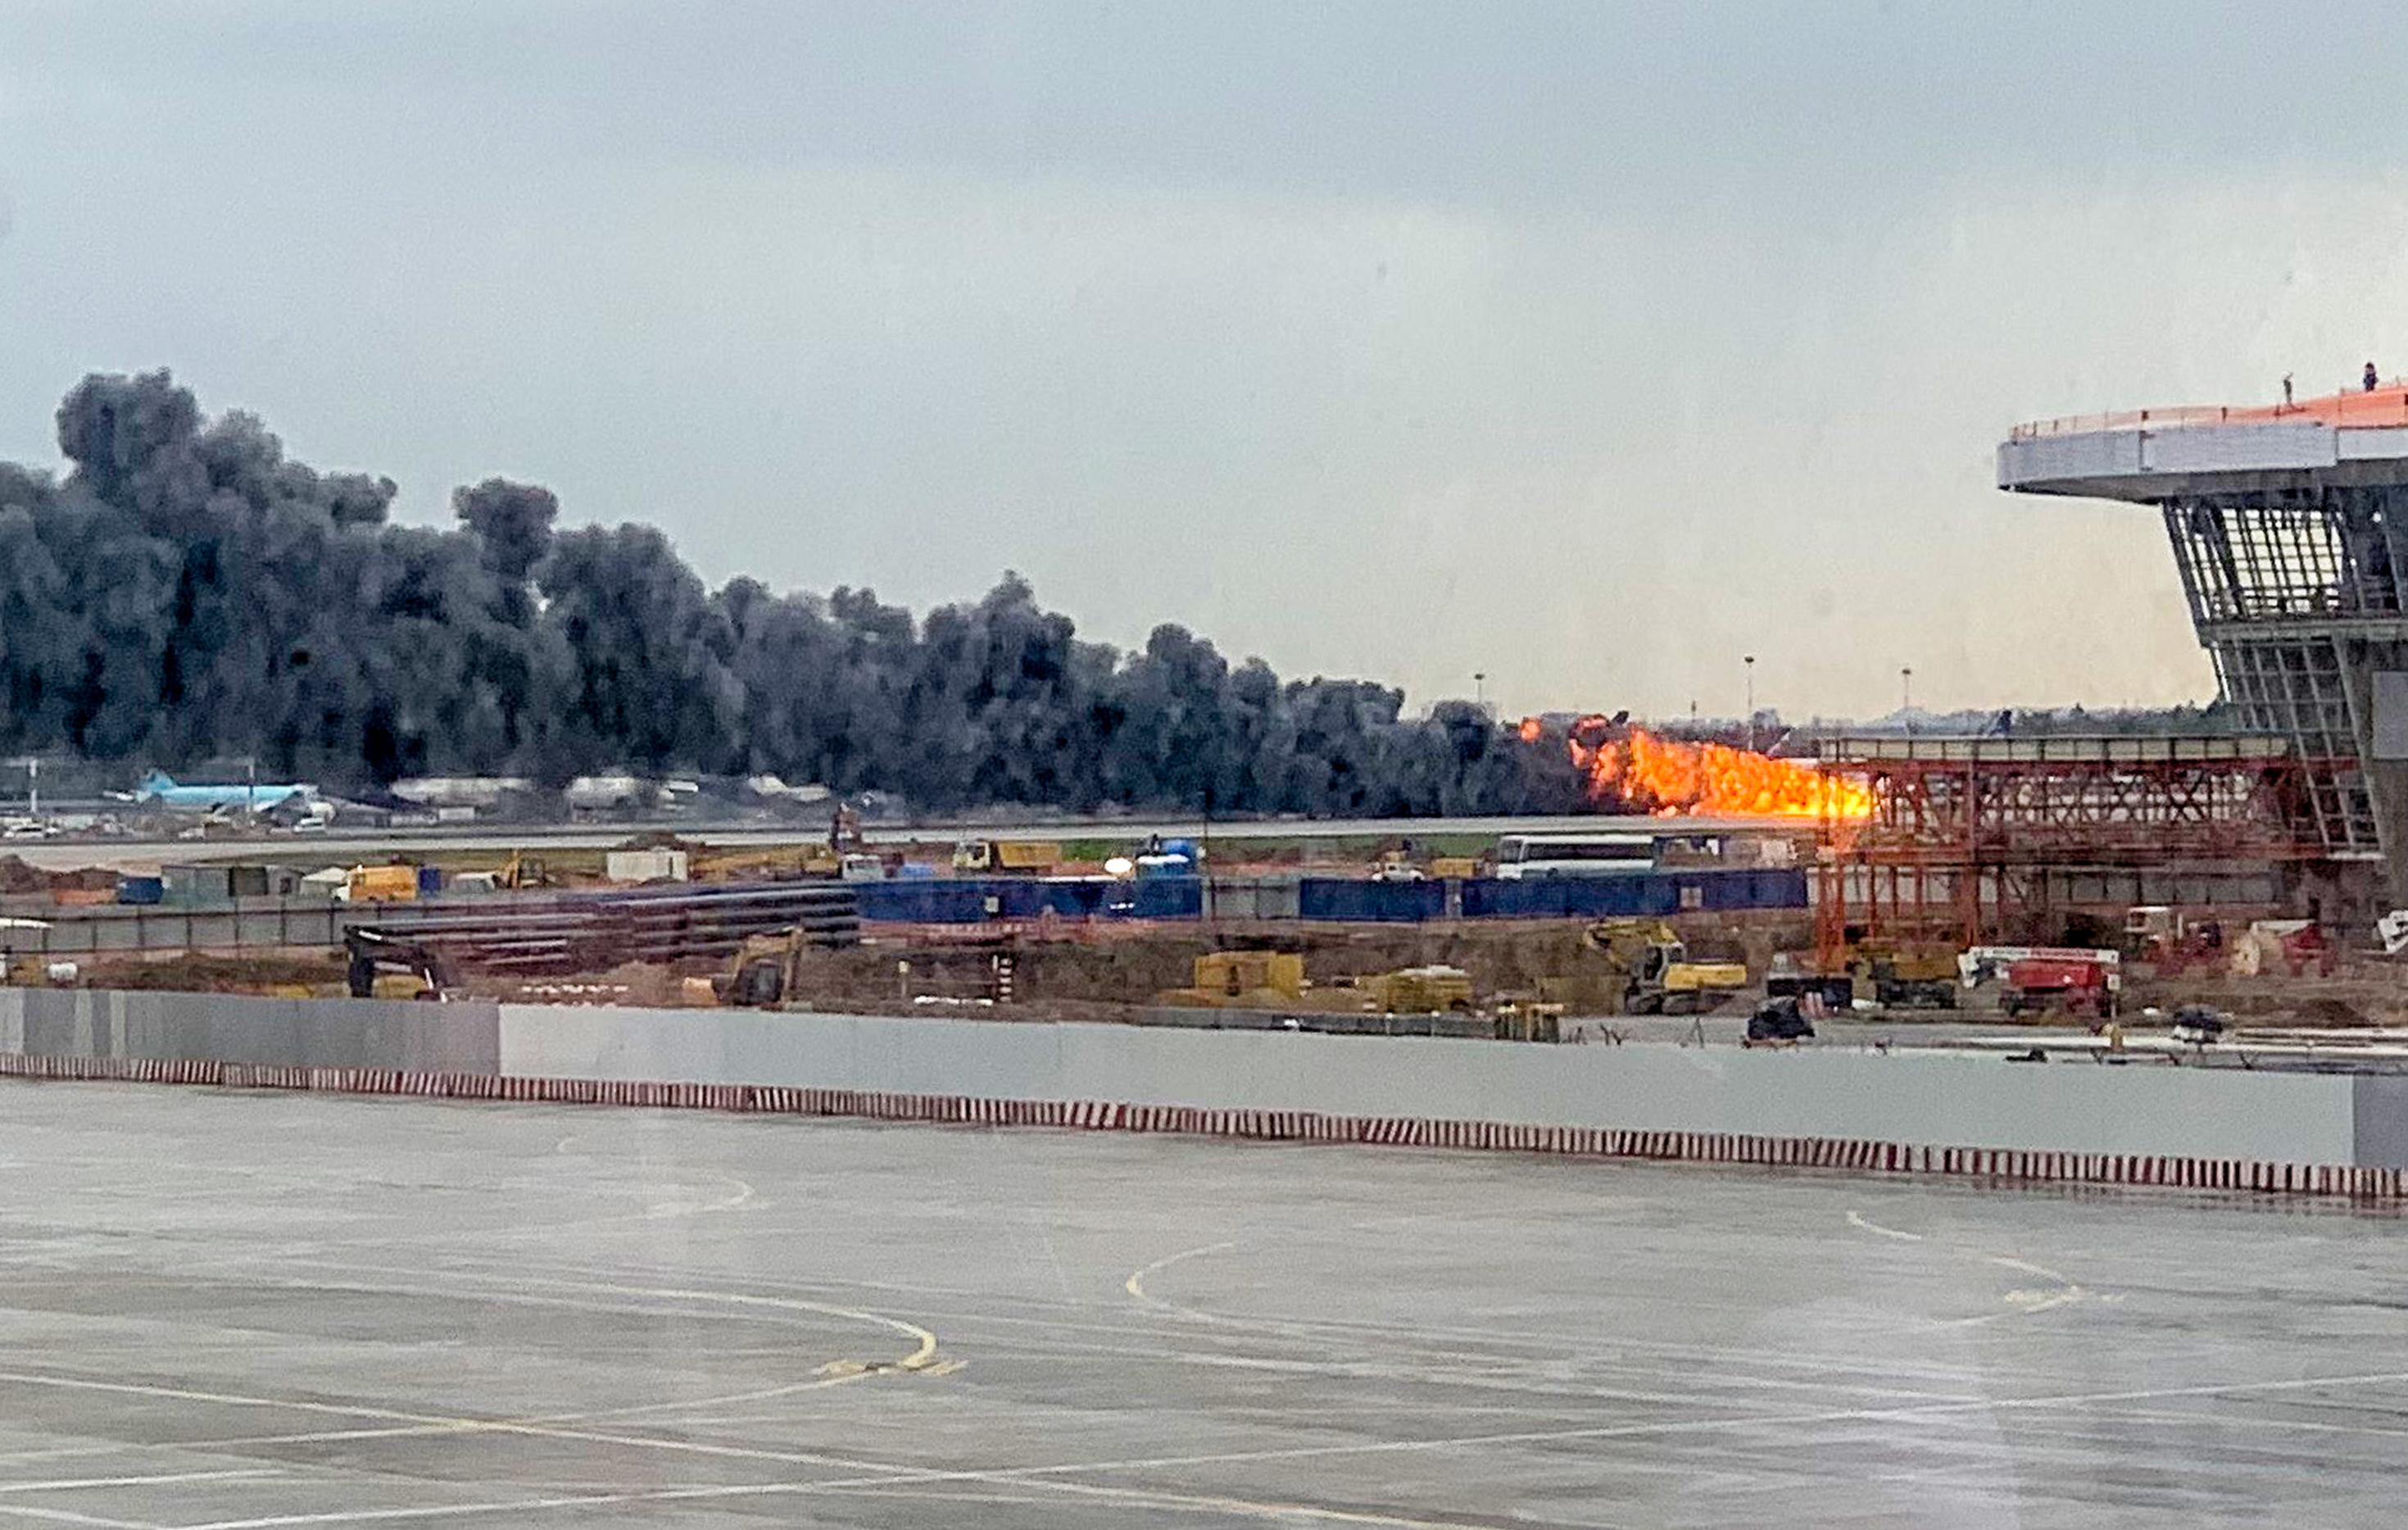 俄航客機莫斯科機場急降起火 至少41死